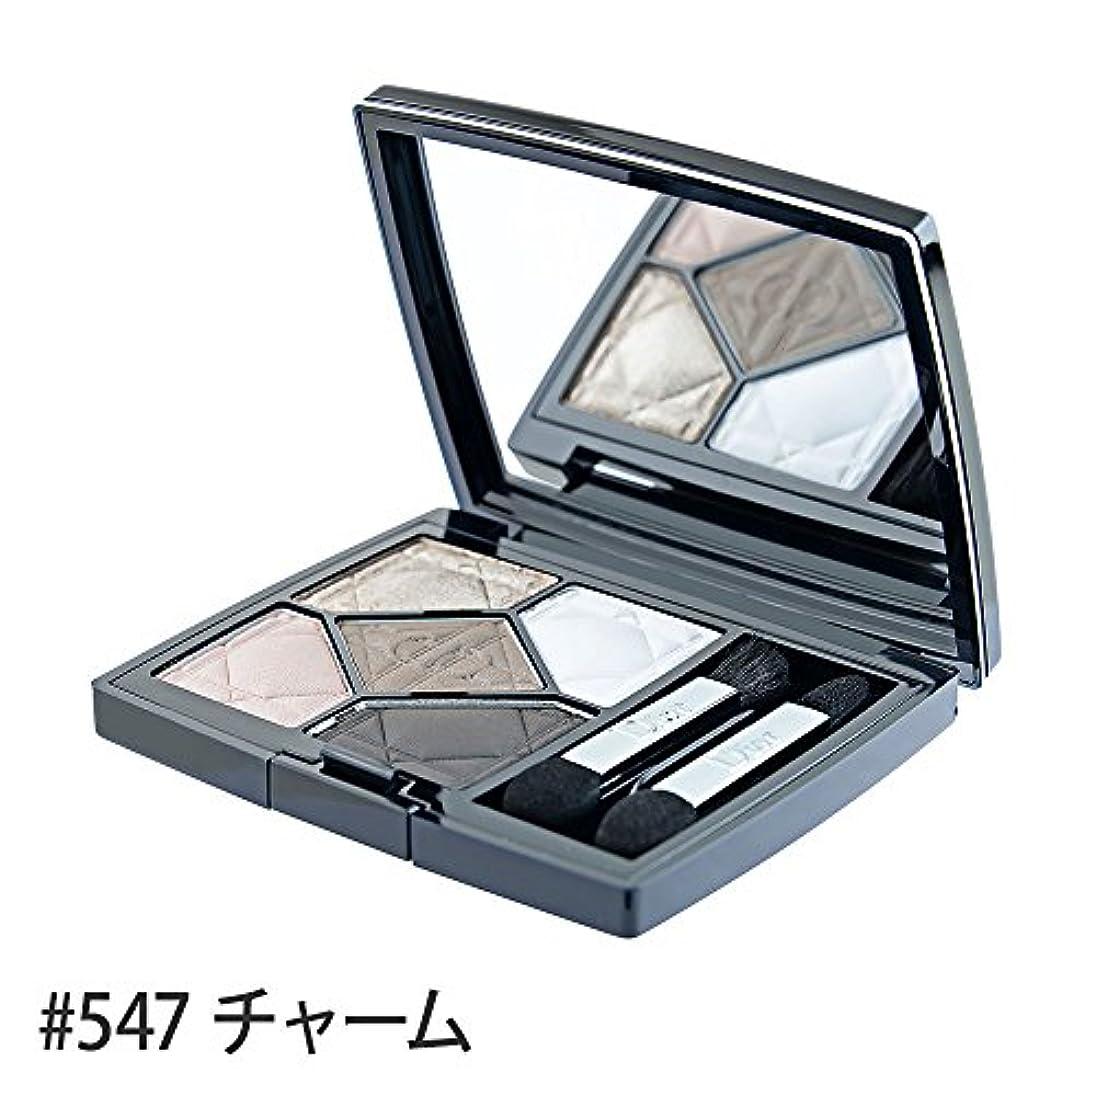 象発生器人種ディオール(Dior) サンク クルール #547(チャーム) 6g [並行輸入品]